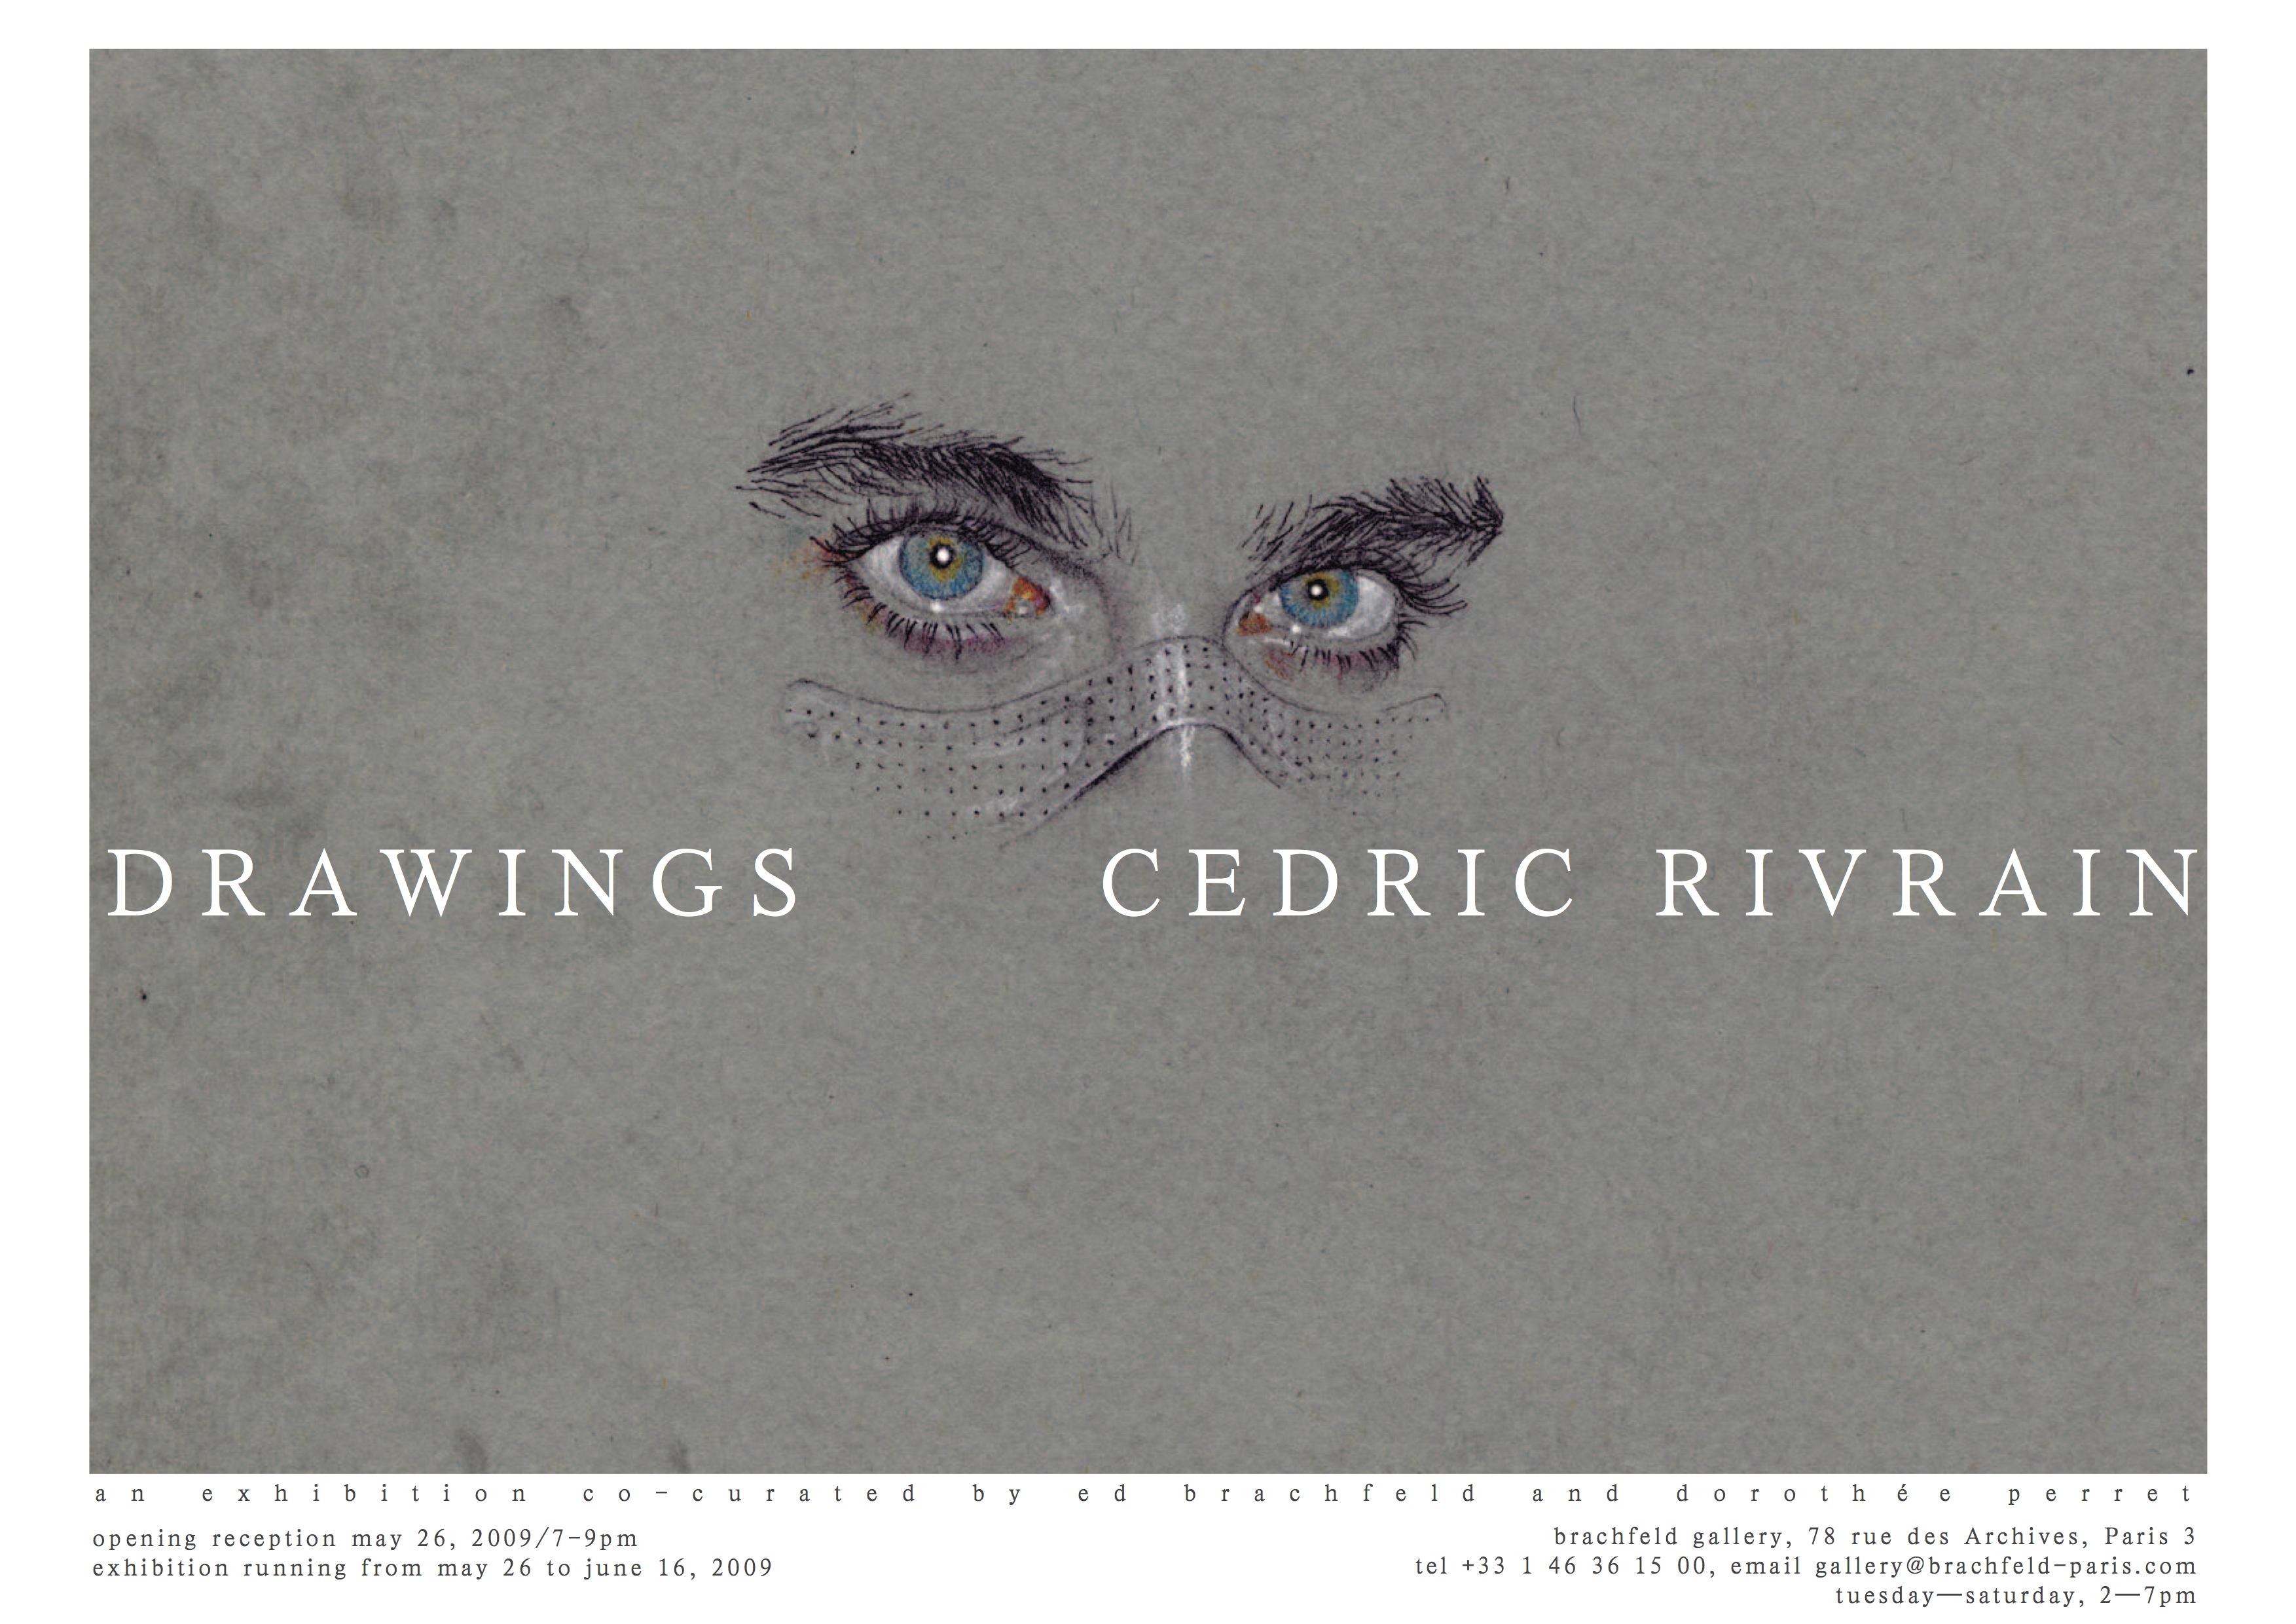 CEDRIC_RIVRAIN_DRAWINGS